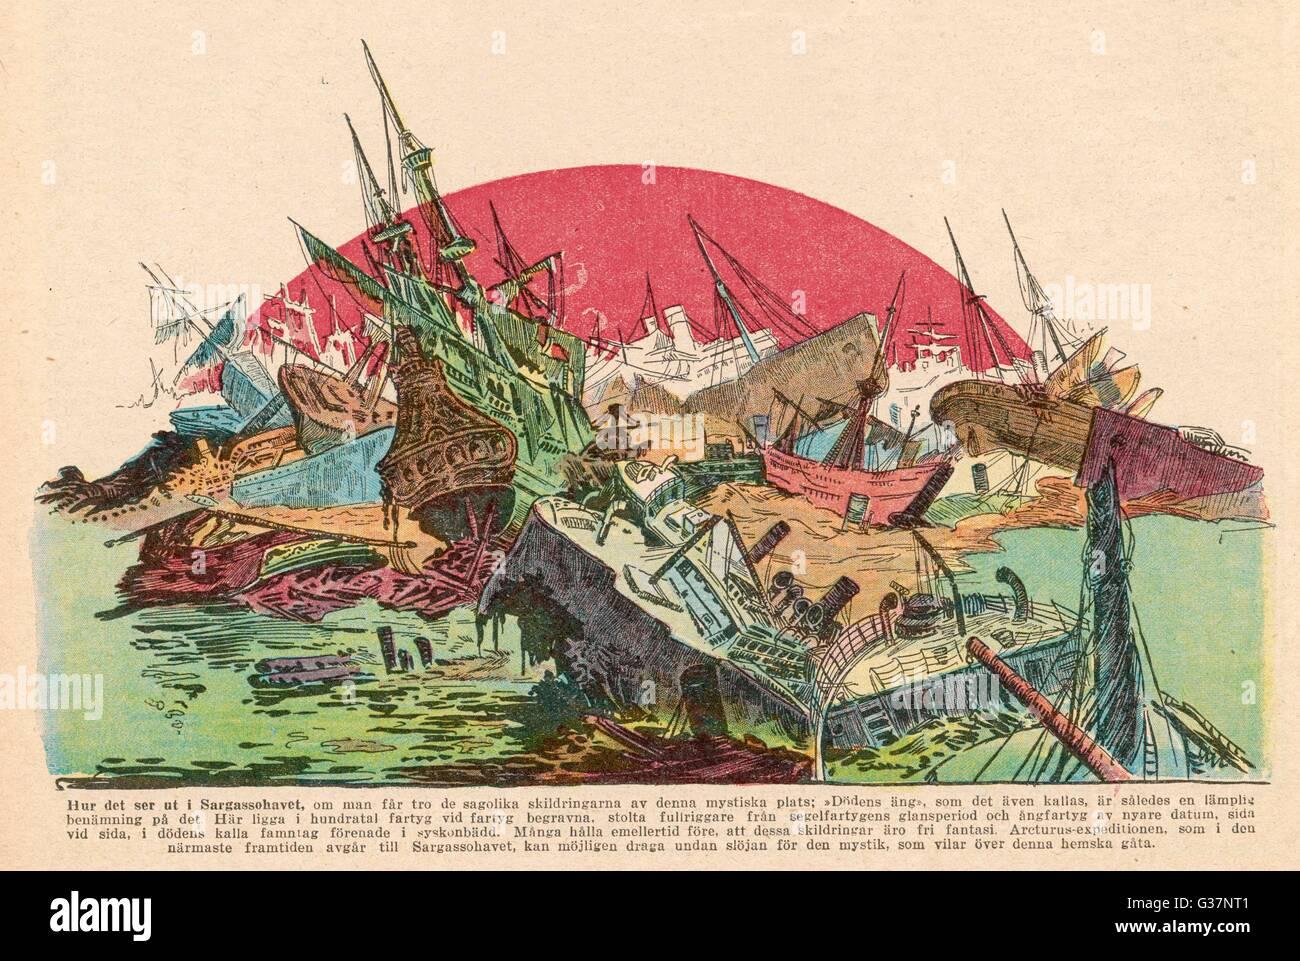 La leggenda del Mar dei Sargassi dove tutti i relitti dell'oceano a finire... Data: 1925 Immagini Stock